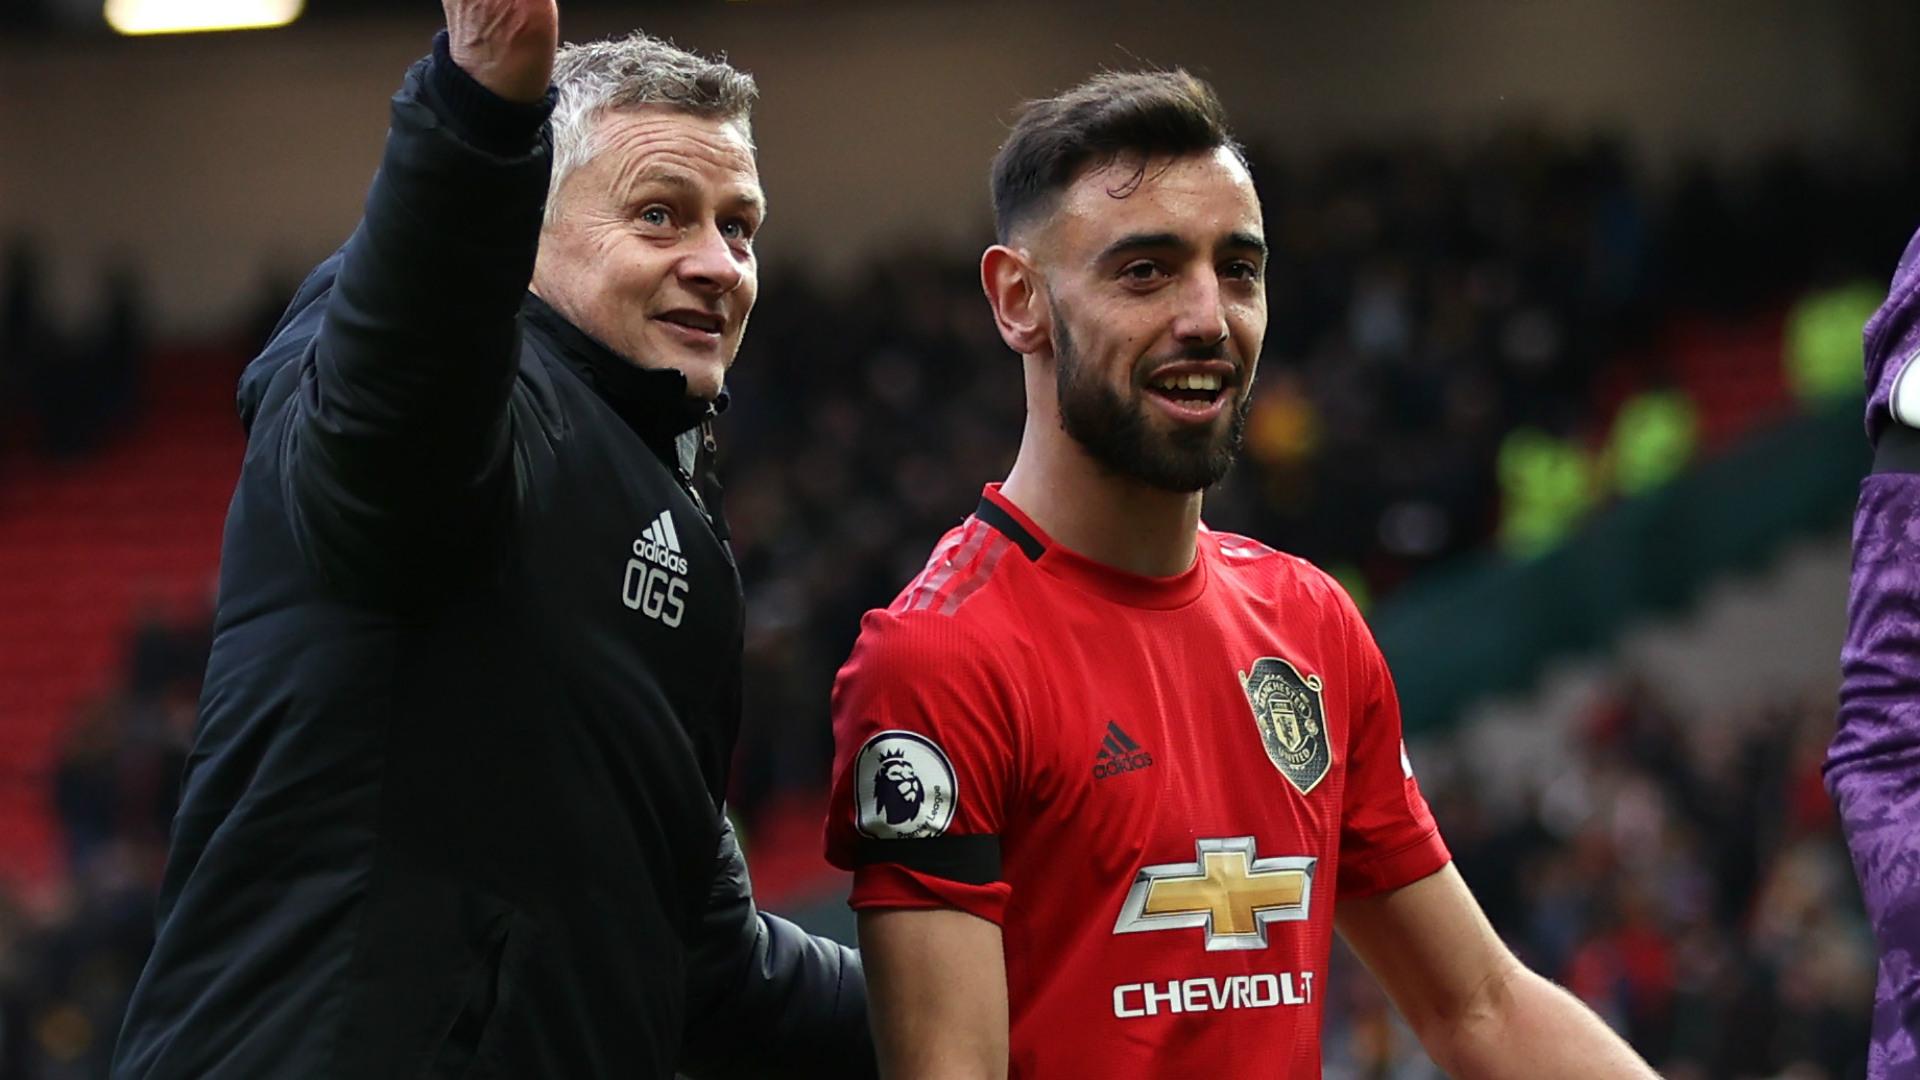 Ole Gunnar Solskjaer Bruno Fernandes Manchester United 2019-20